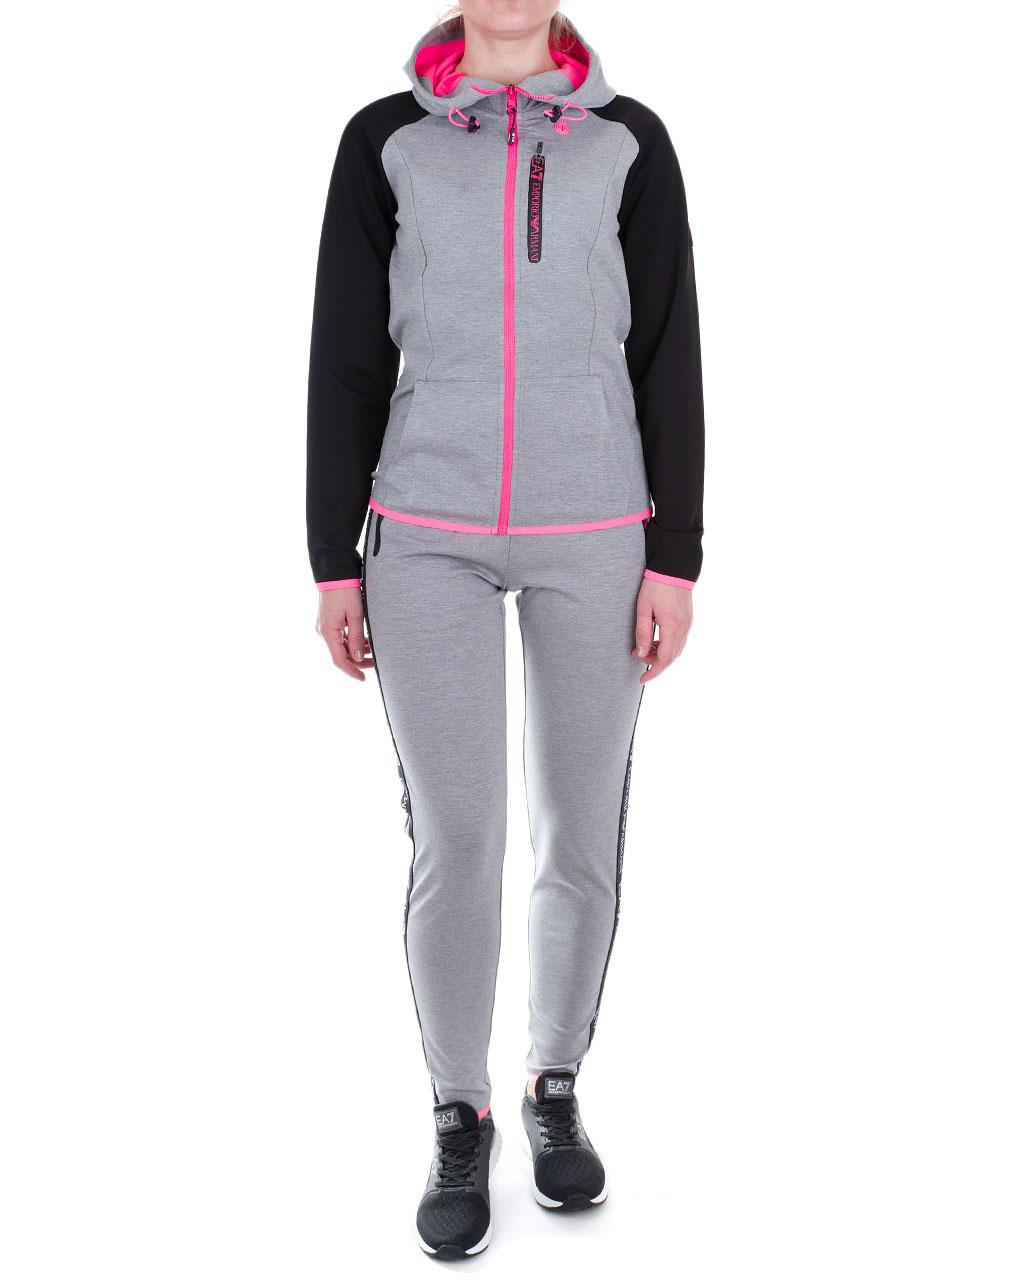 wholesale dealer fc94b 8165d The suit is sports female ARMANI EA7 (original) 3GTM66-TJU6Z ...